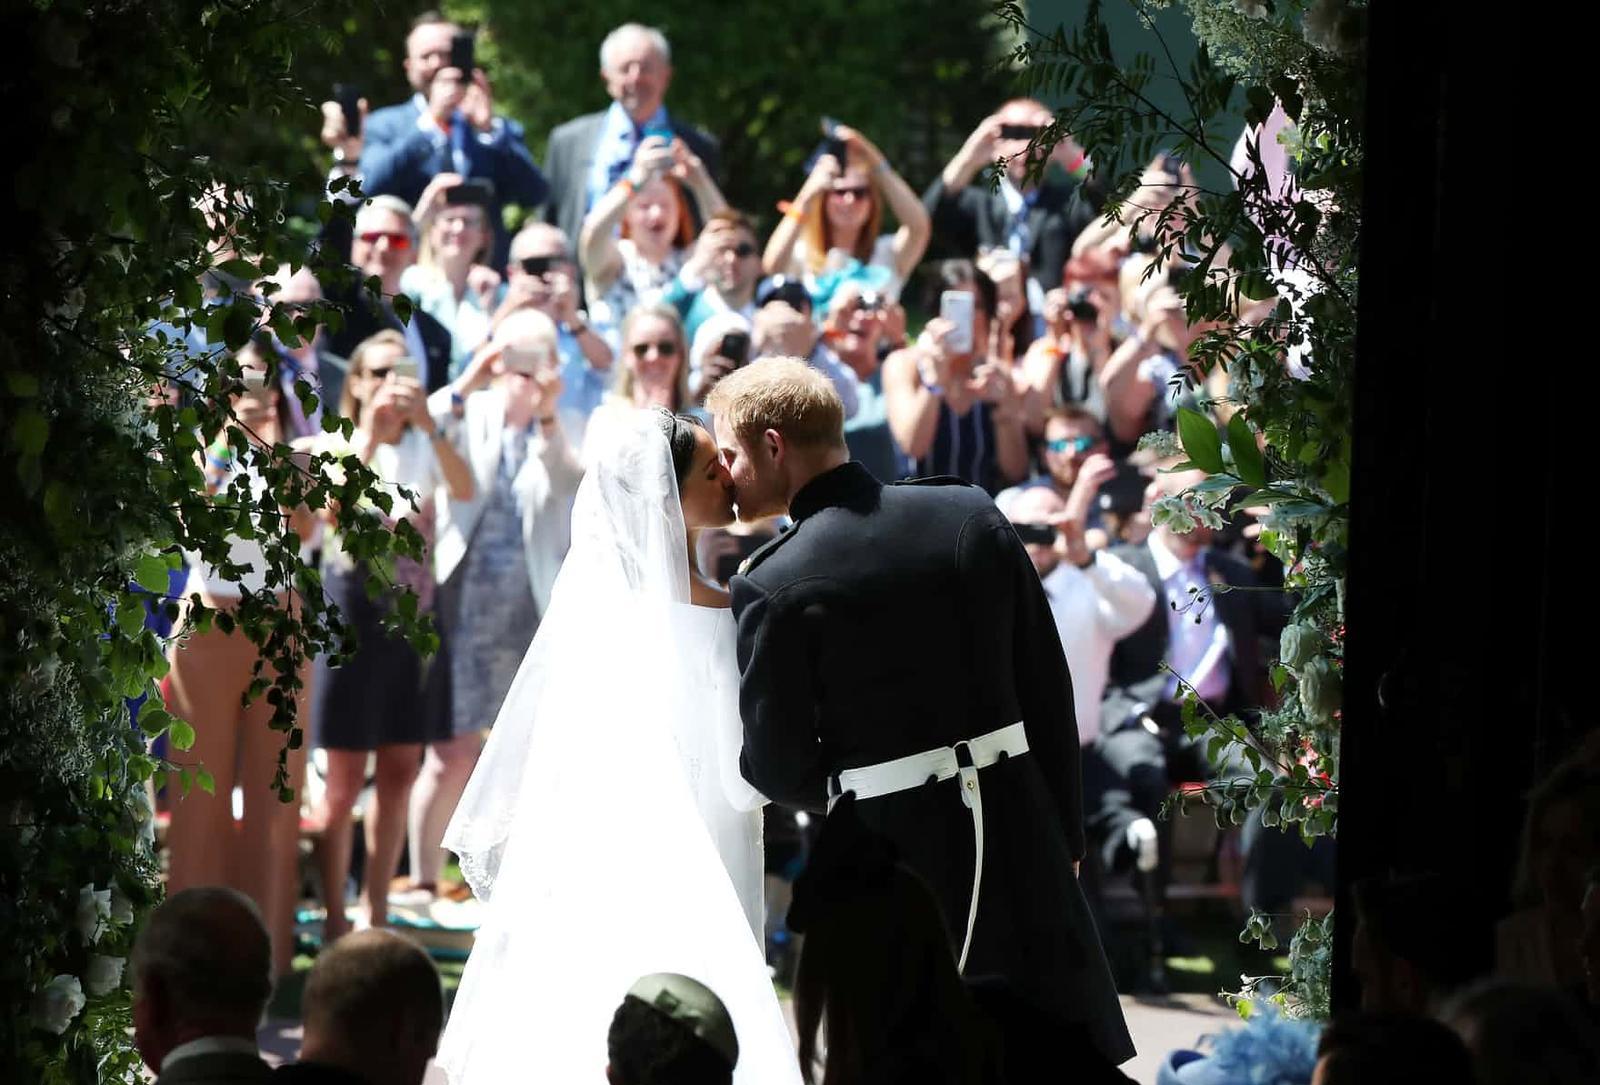 Kráľovská svadba Meghan a Harryho - Obrázok č. 44